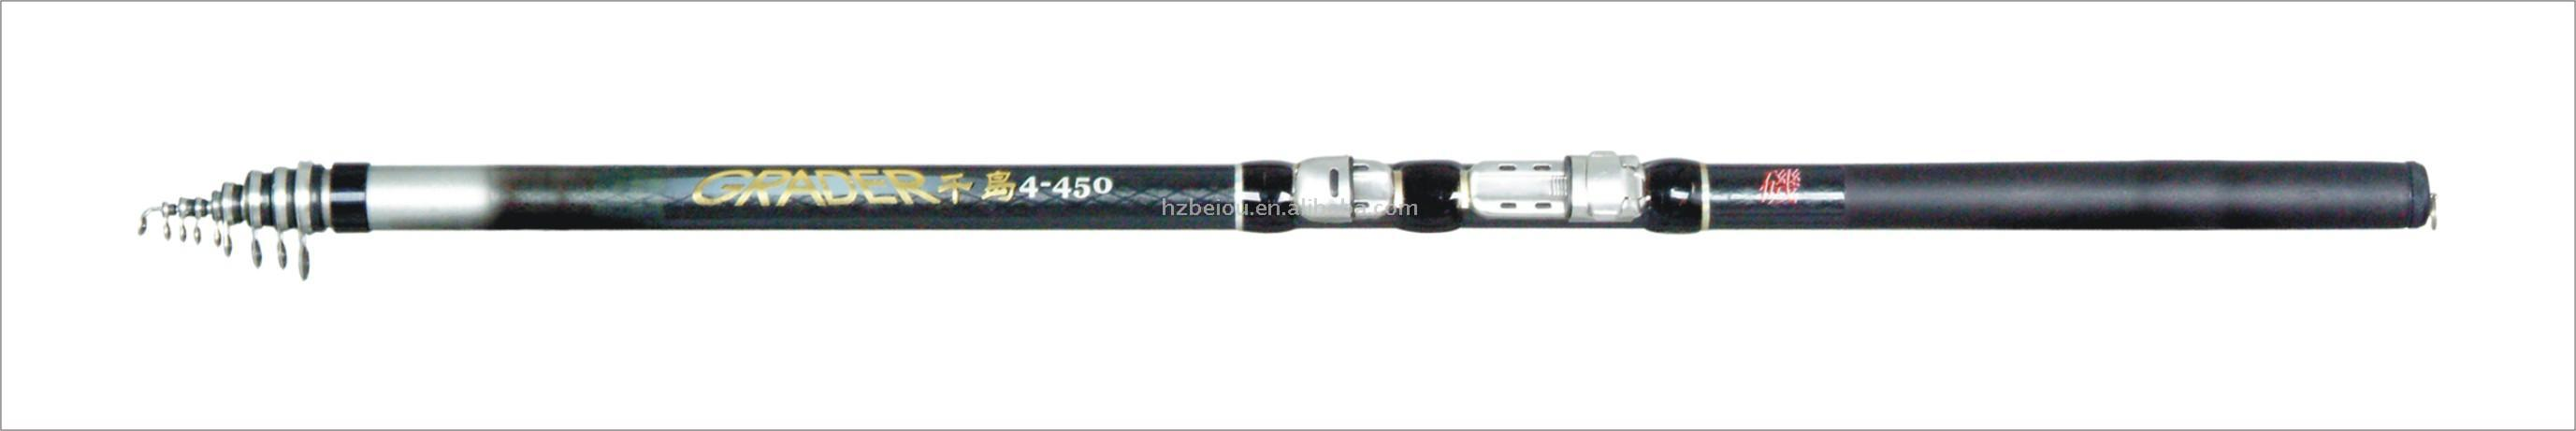 Carbon Fishing Tackle (Grader) (Углеродные рыболовные снасти (автогрейдер))